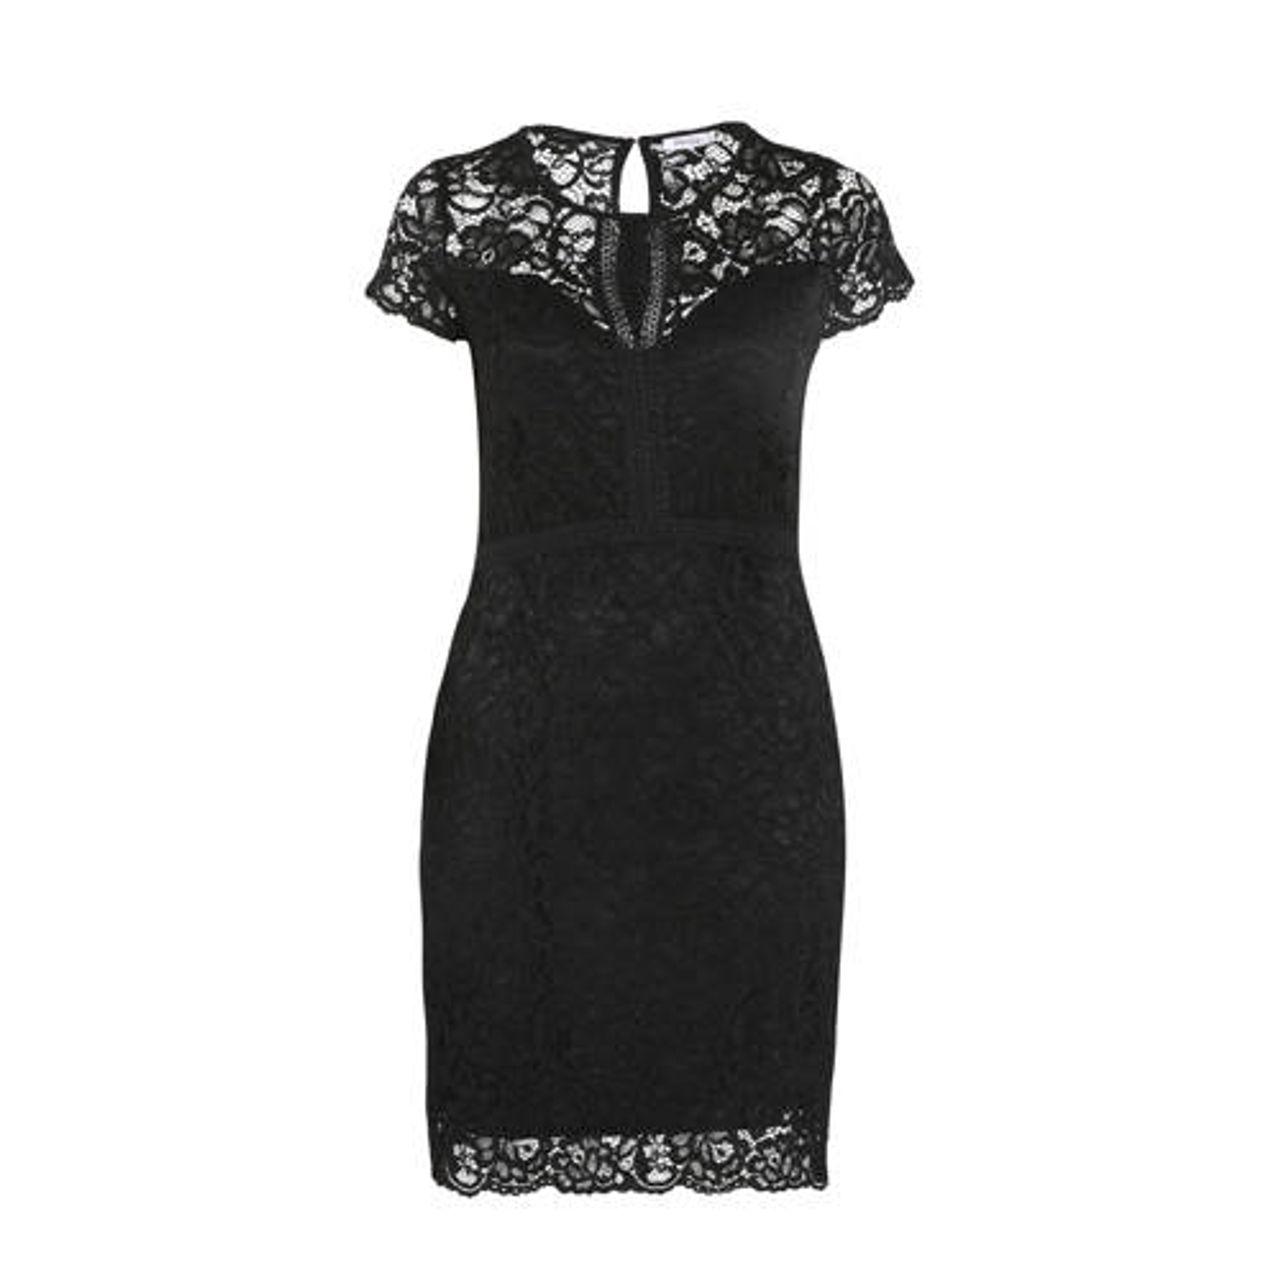 Nieuw Paprika Kanten jurk zwart - Vergelijk prijzen YE-16